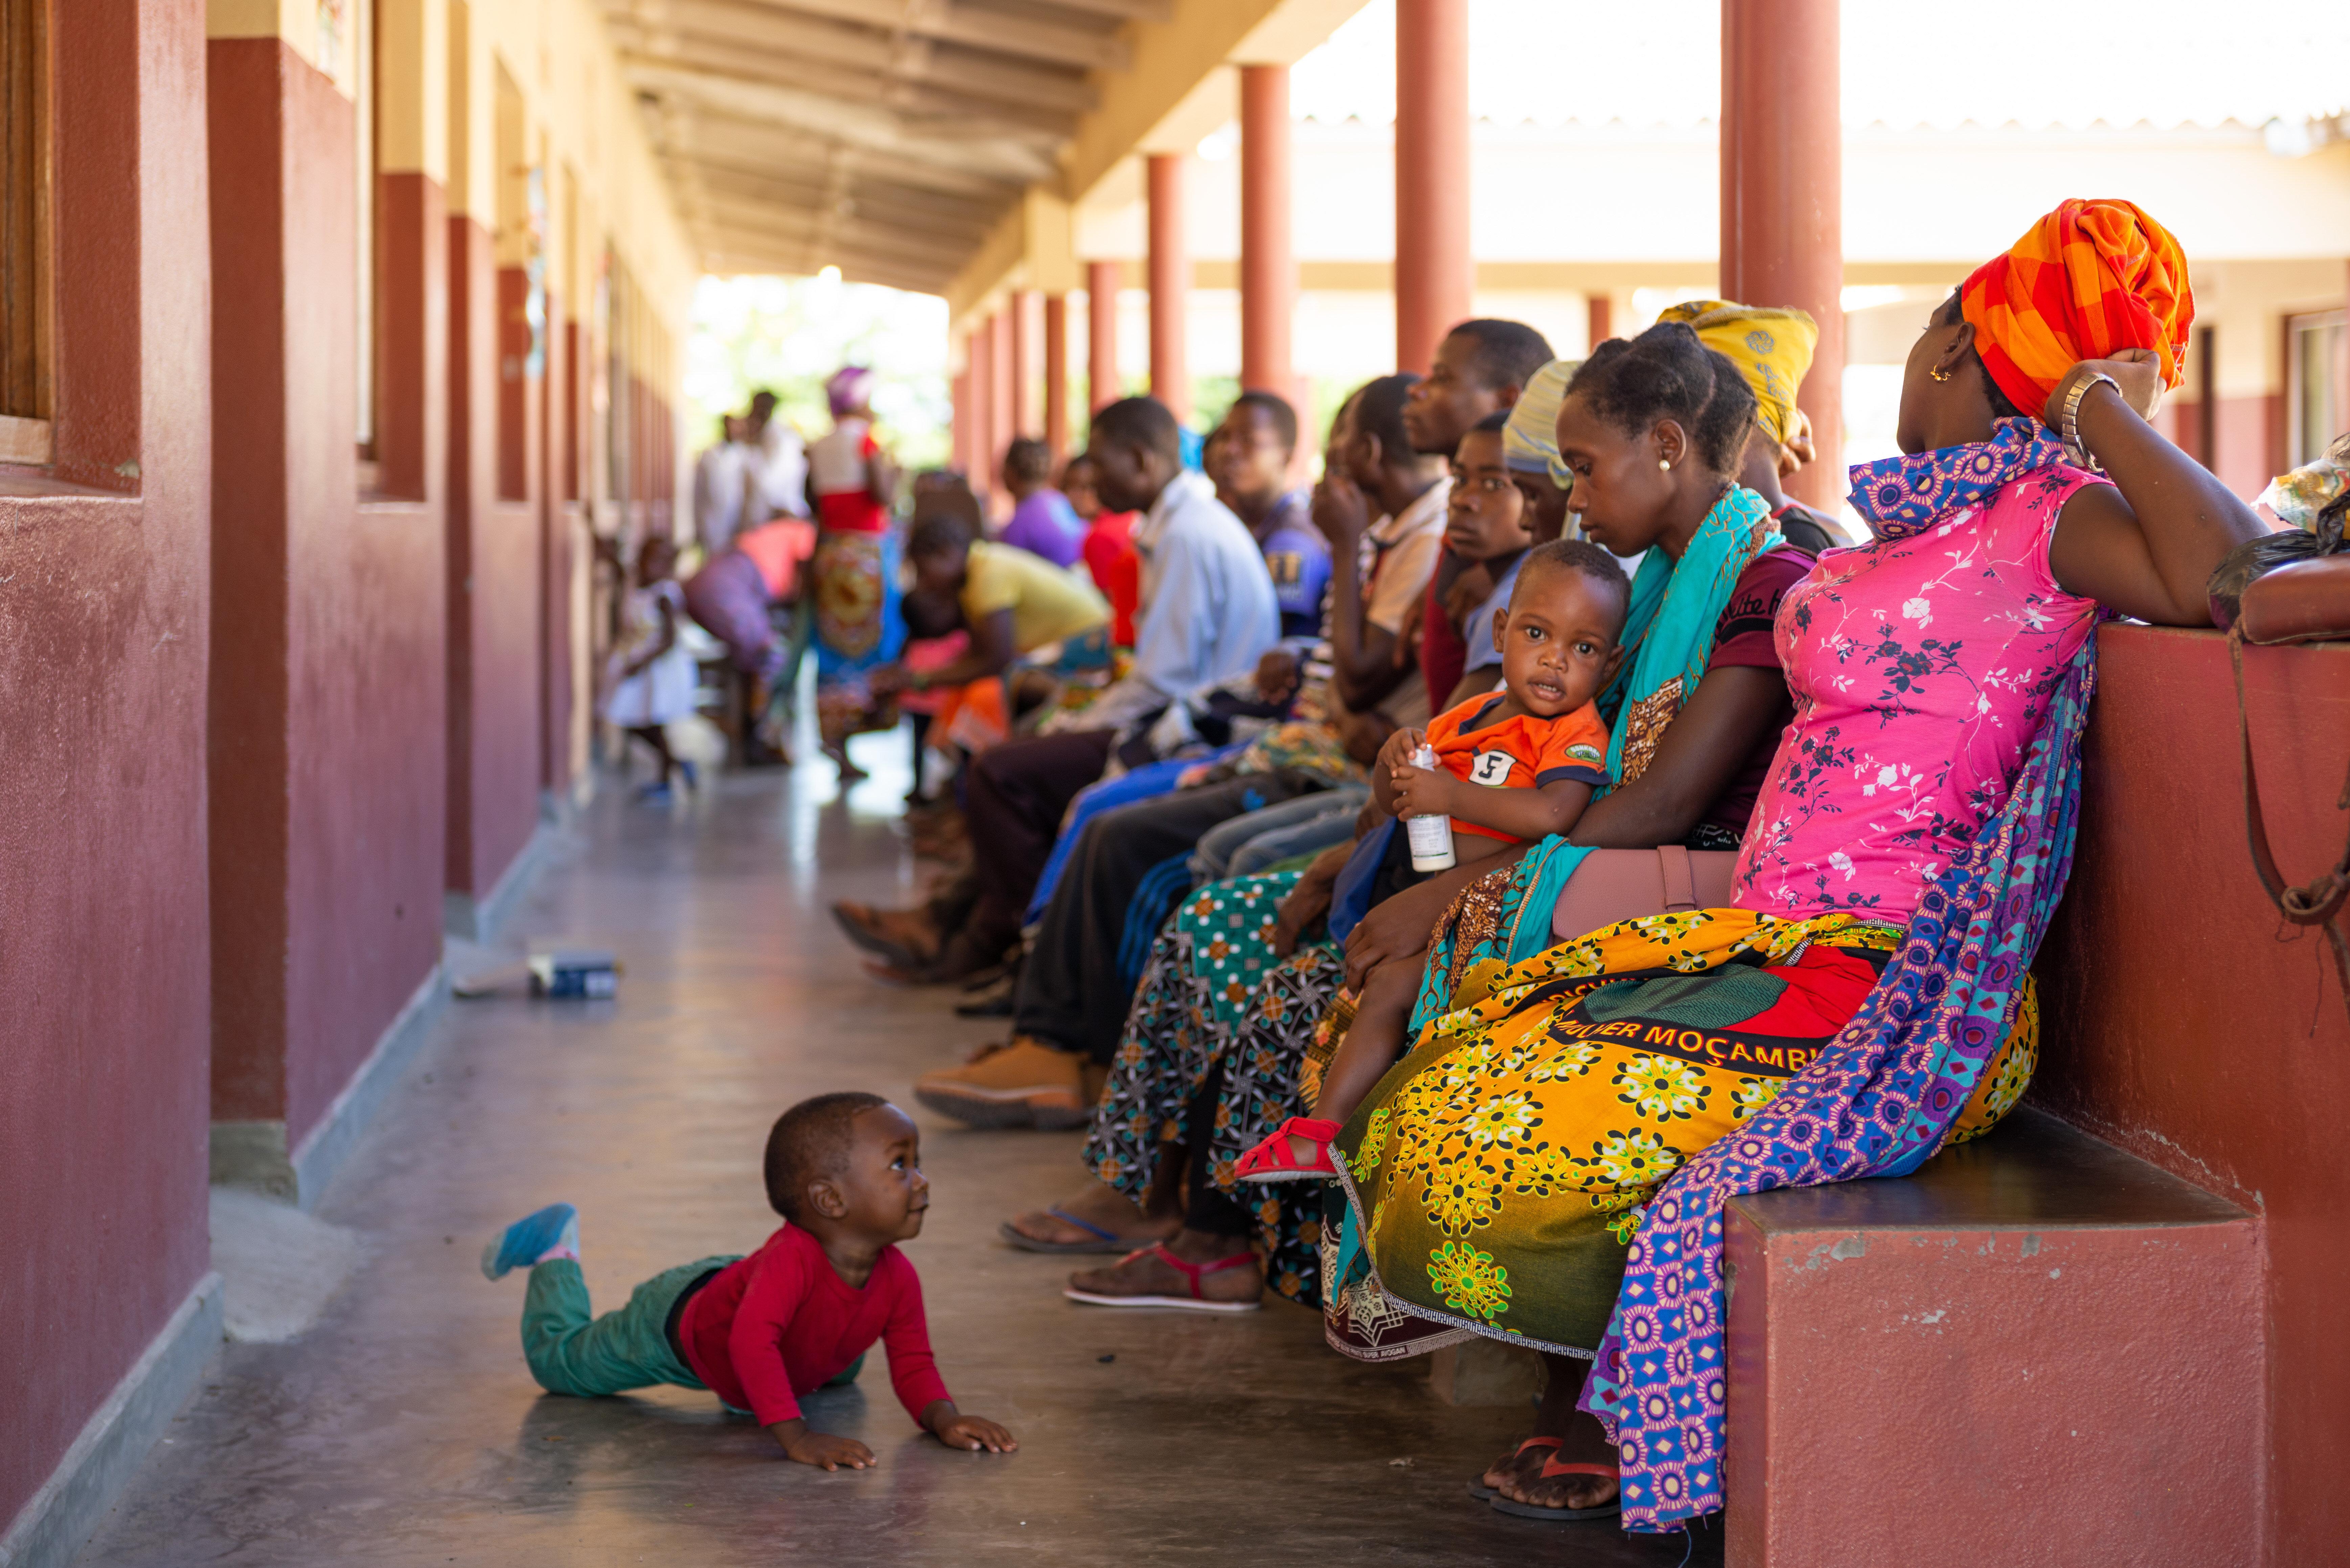 Patientinnen und Patienten warten auf ihre Behandlung in der Gesundheitsstation